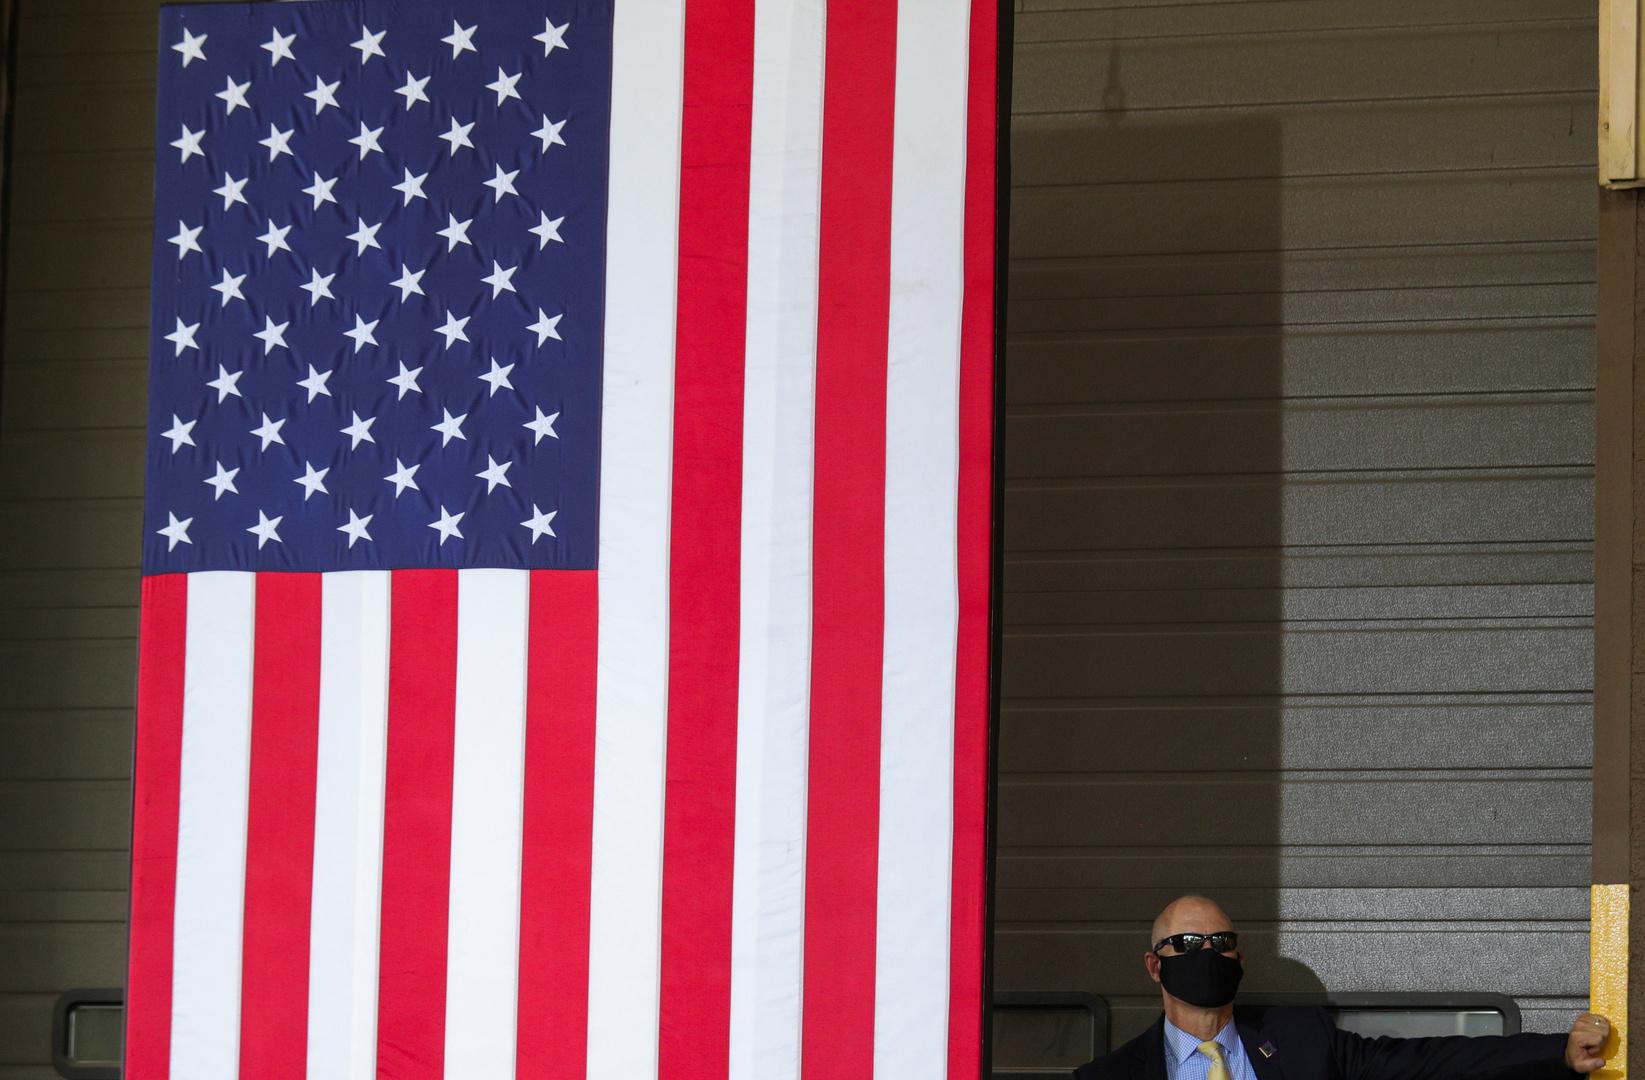 من هو الرئيس القادم للولايات المتحدة؟